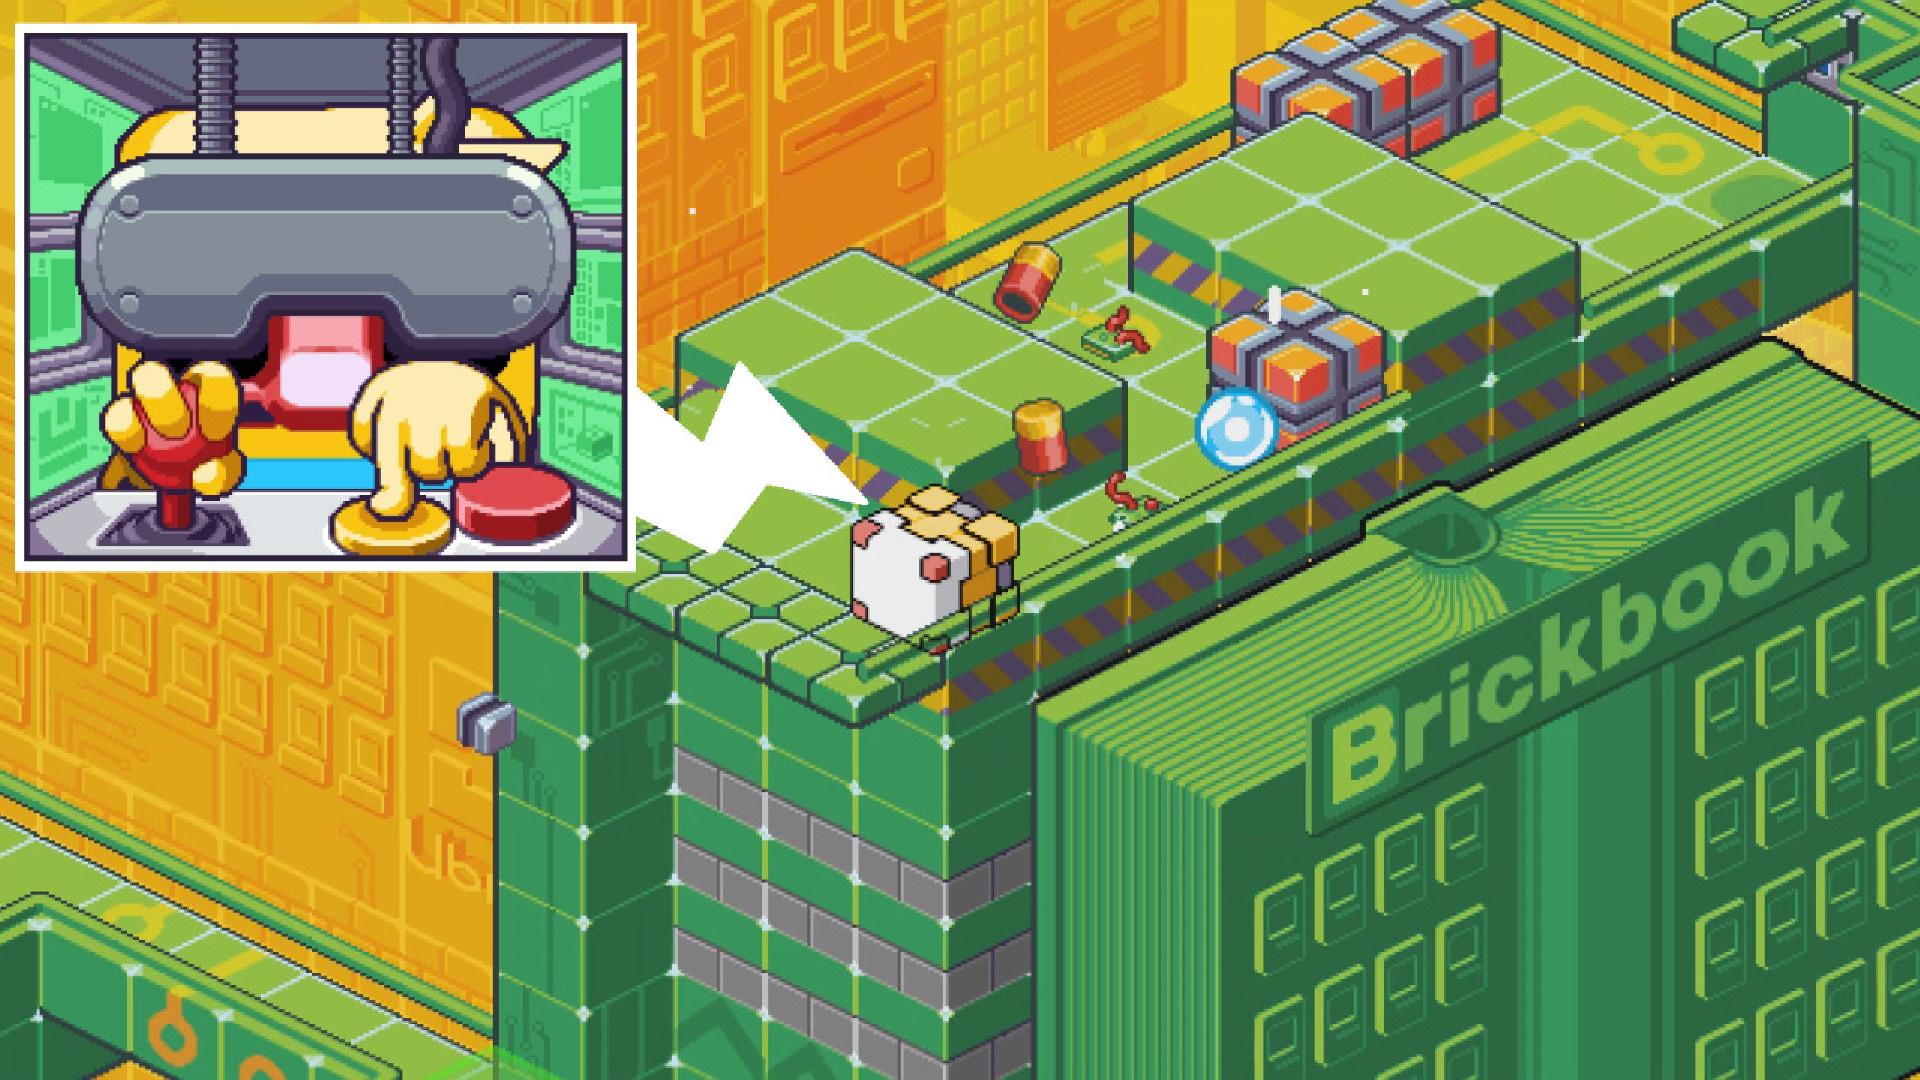 Nintendo Download: Gunbrick: Reloaded screenshot